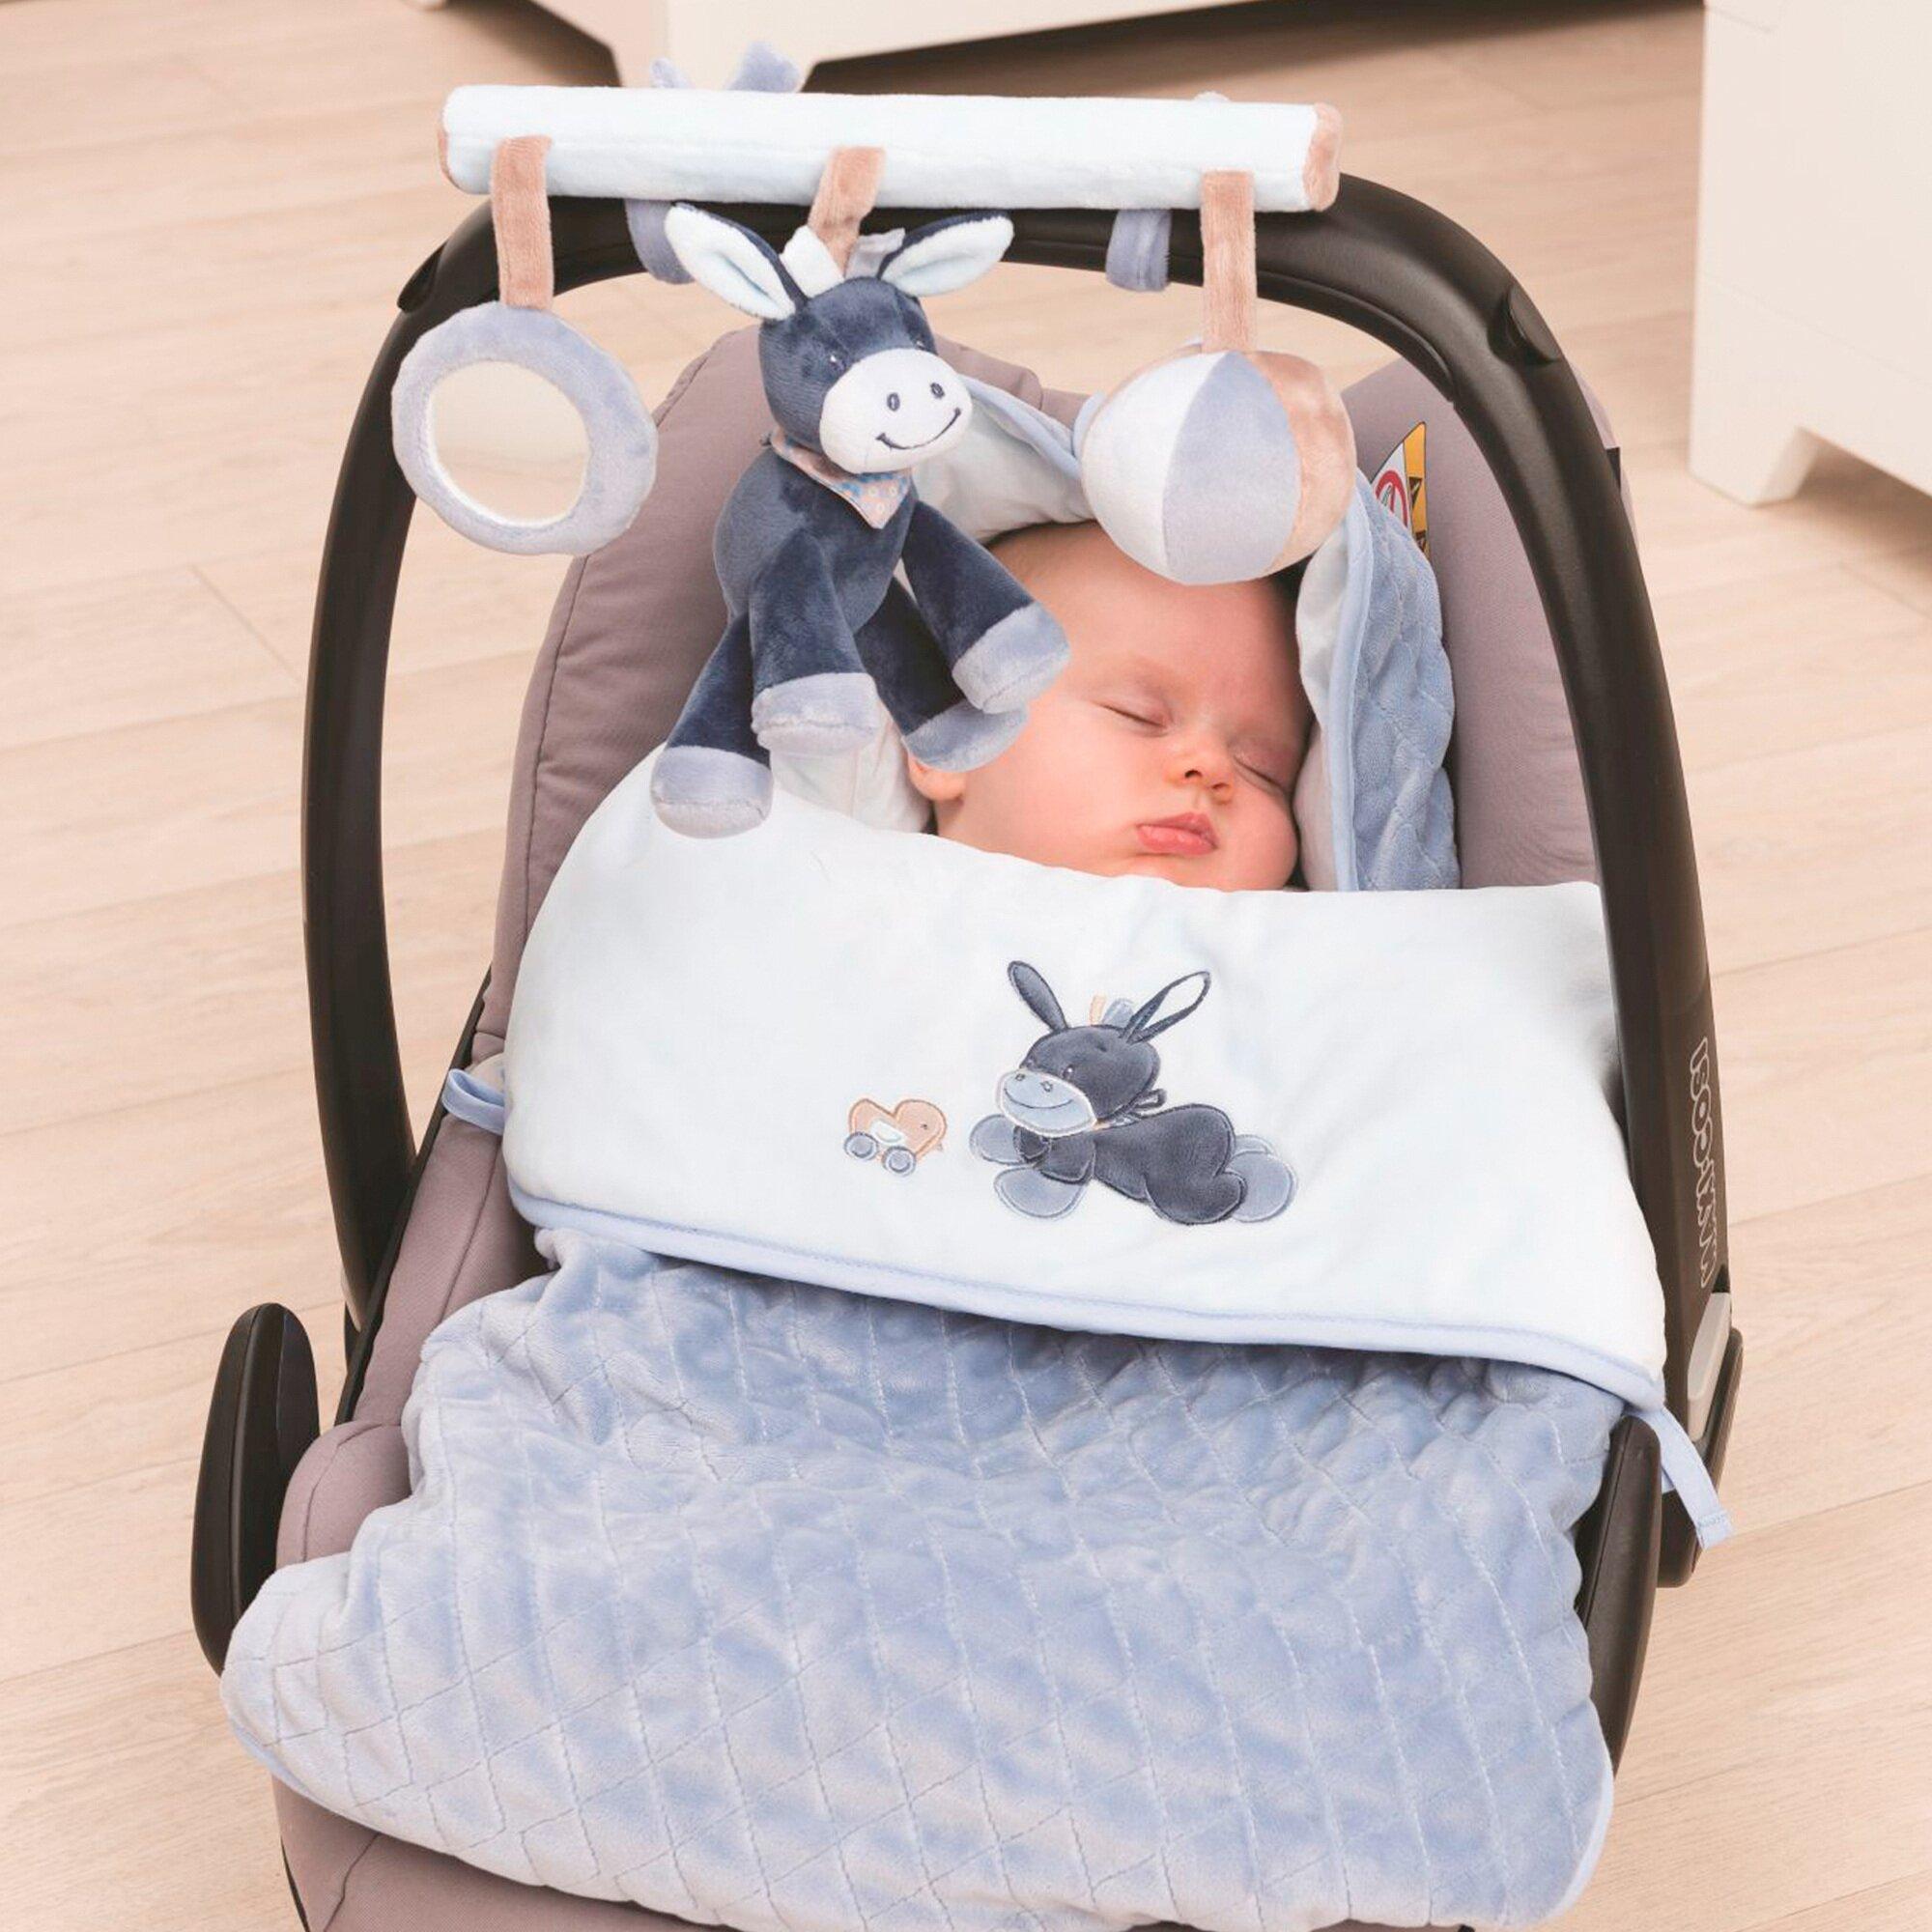 nattou-babyschalen-mobile-alex-der-esel-blau